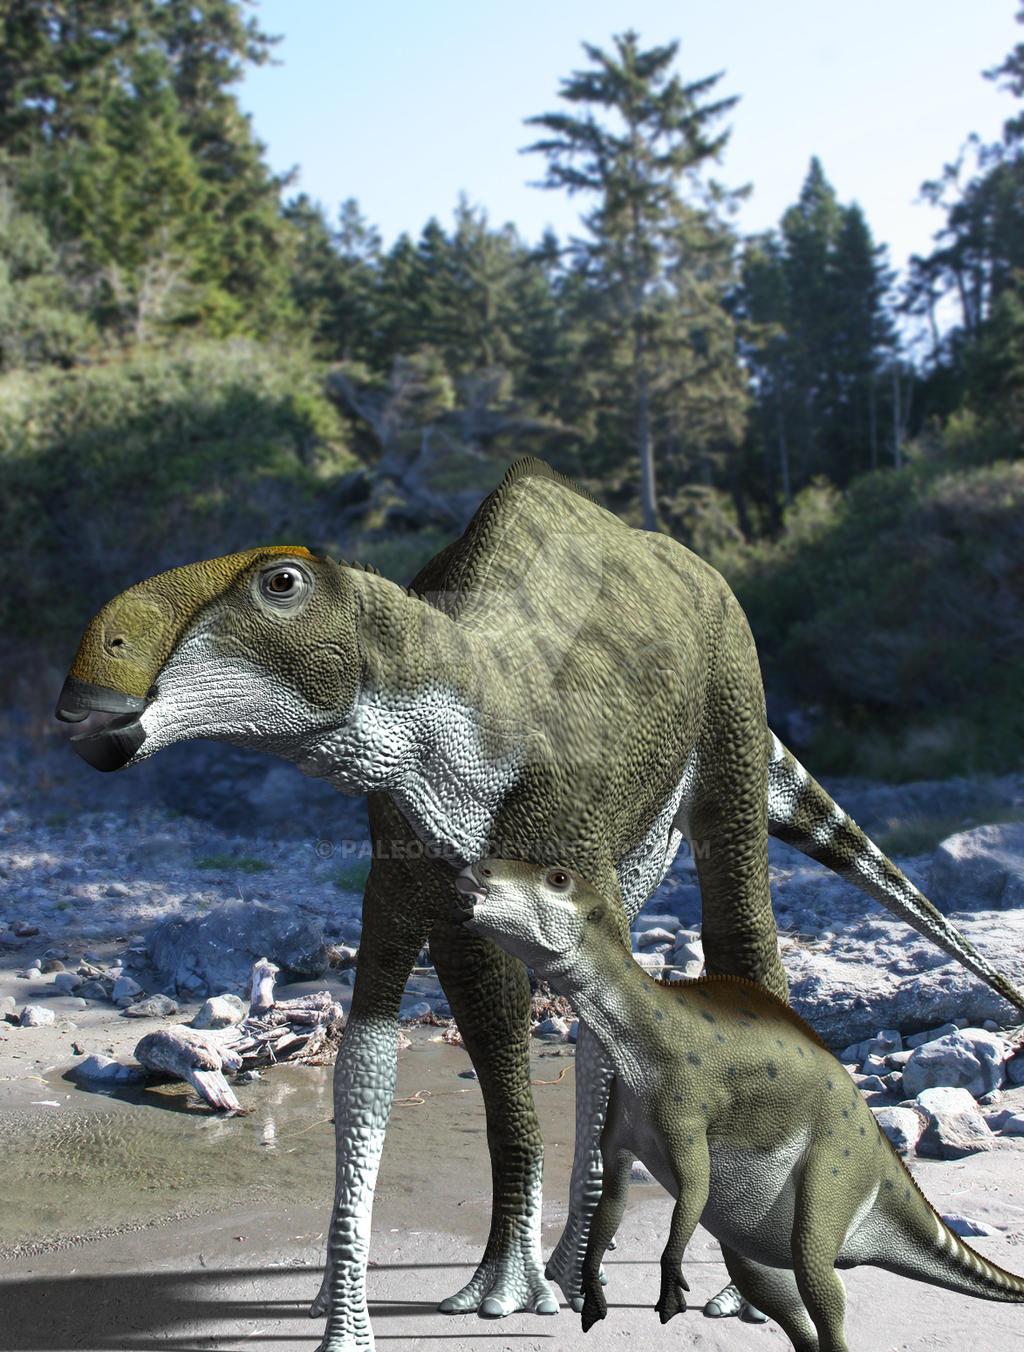 brachylophosaurus - photo #17